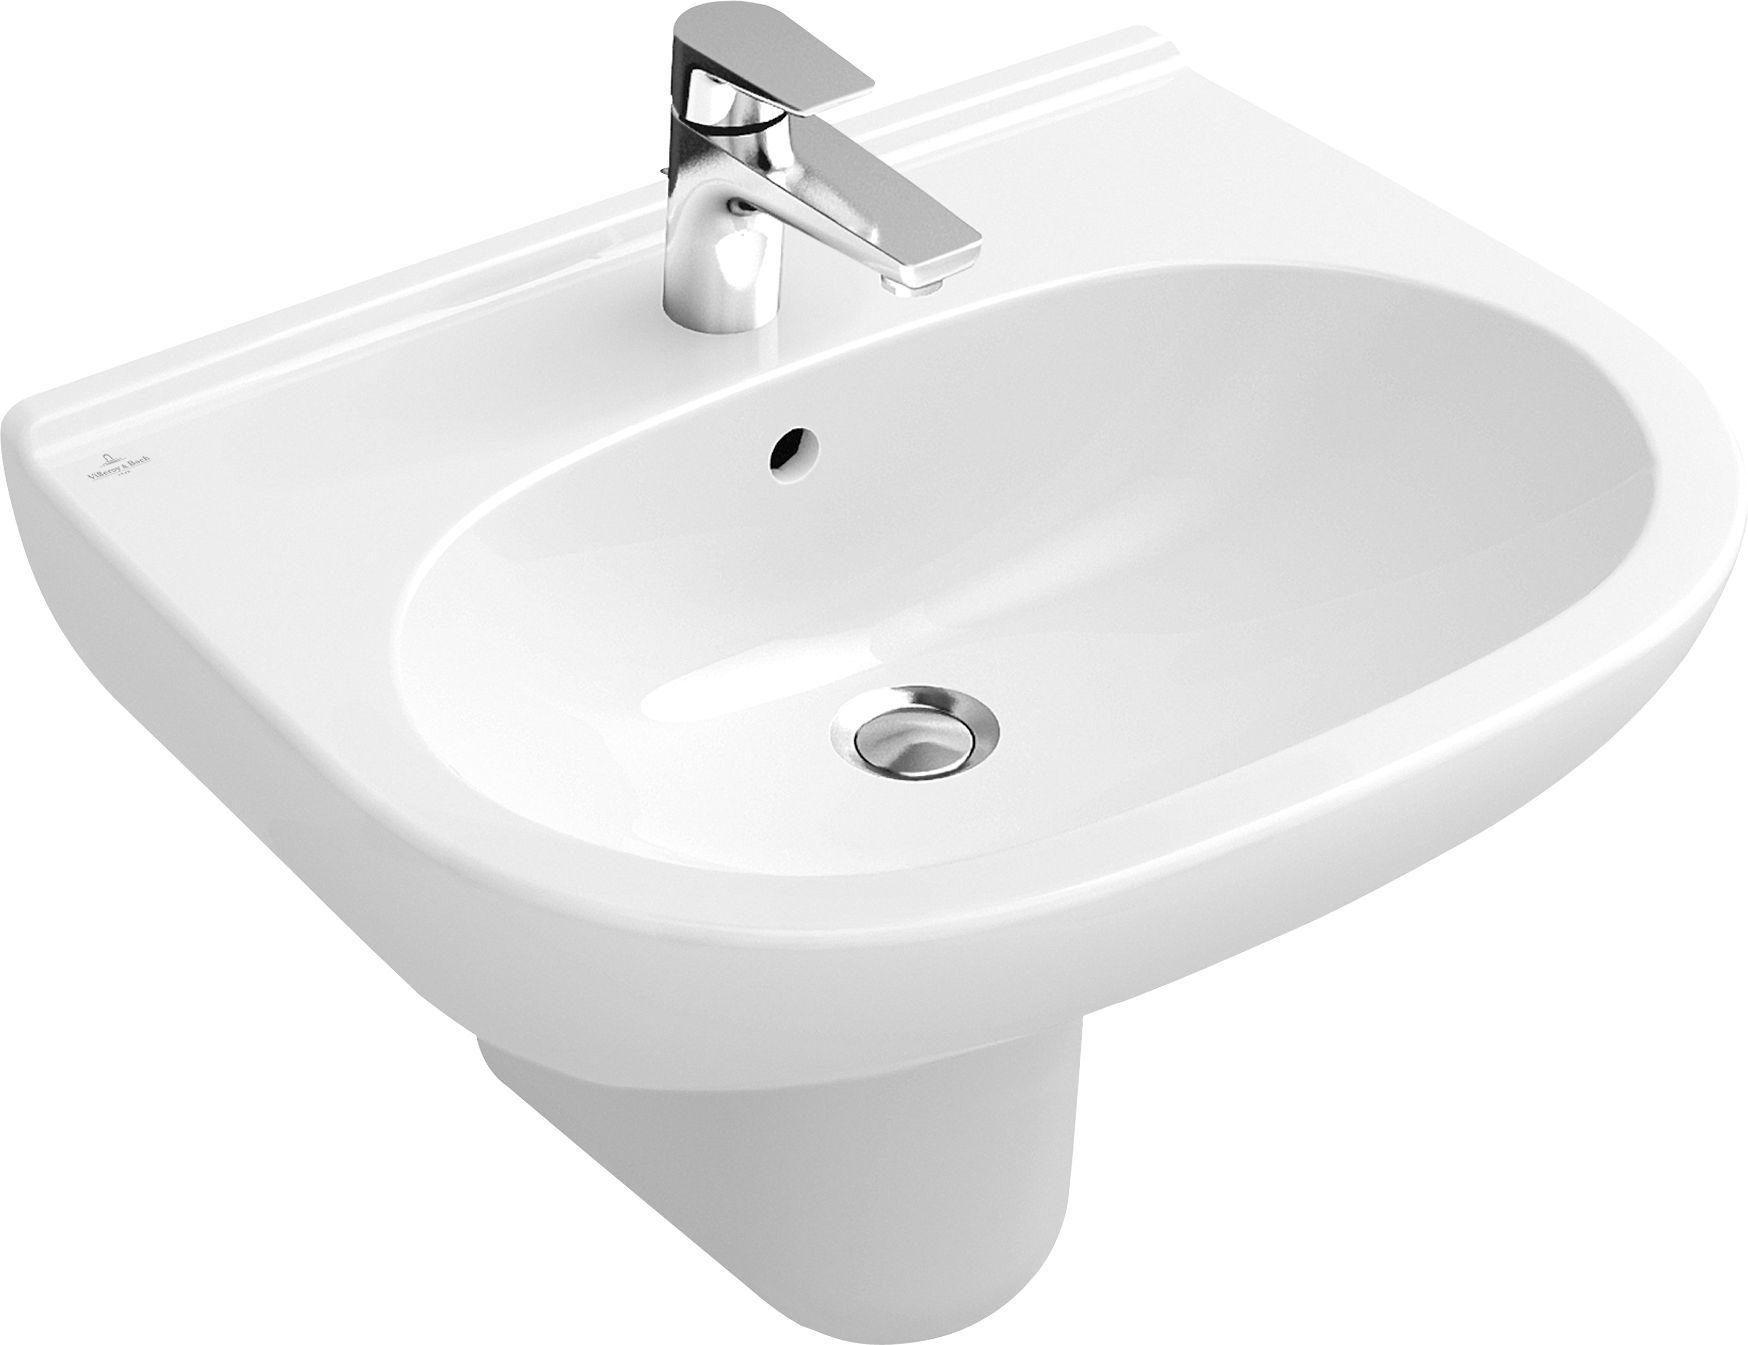 Villeroy & Boch O.novo Waschtisch B:65xT:51cm 1 Hahnloch mit Überlauf weiß mit Ceramicplus 516065R1